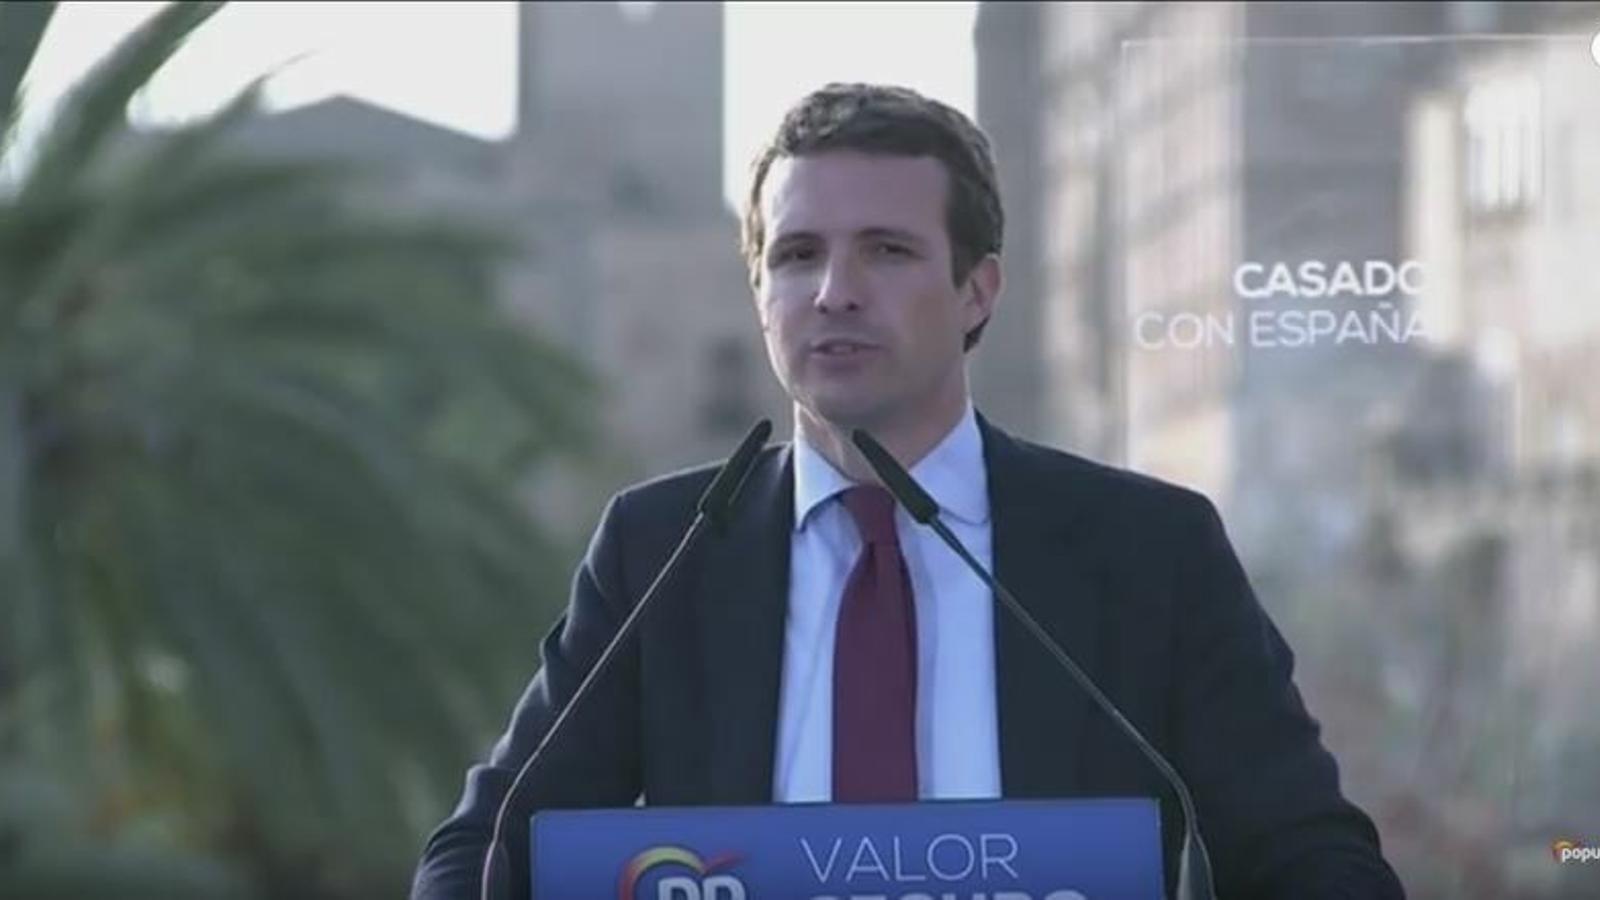 Casado ja és a Palma per impulsar la campanya del PP a les Illes